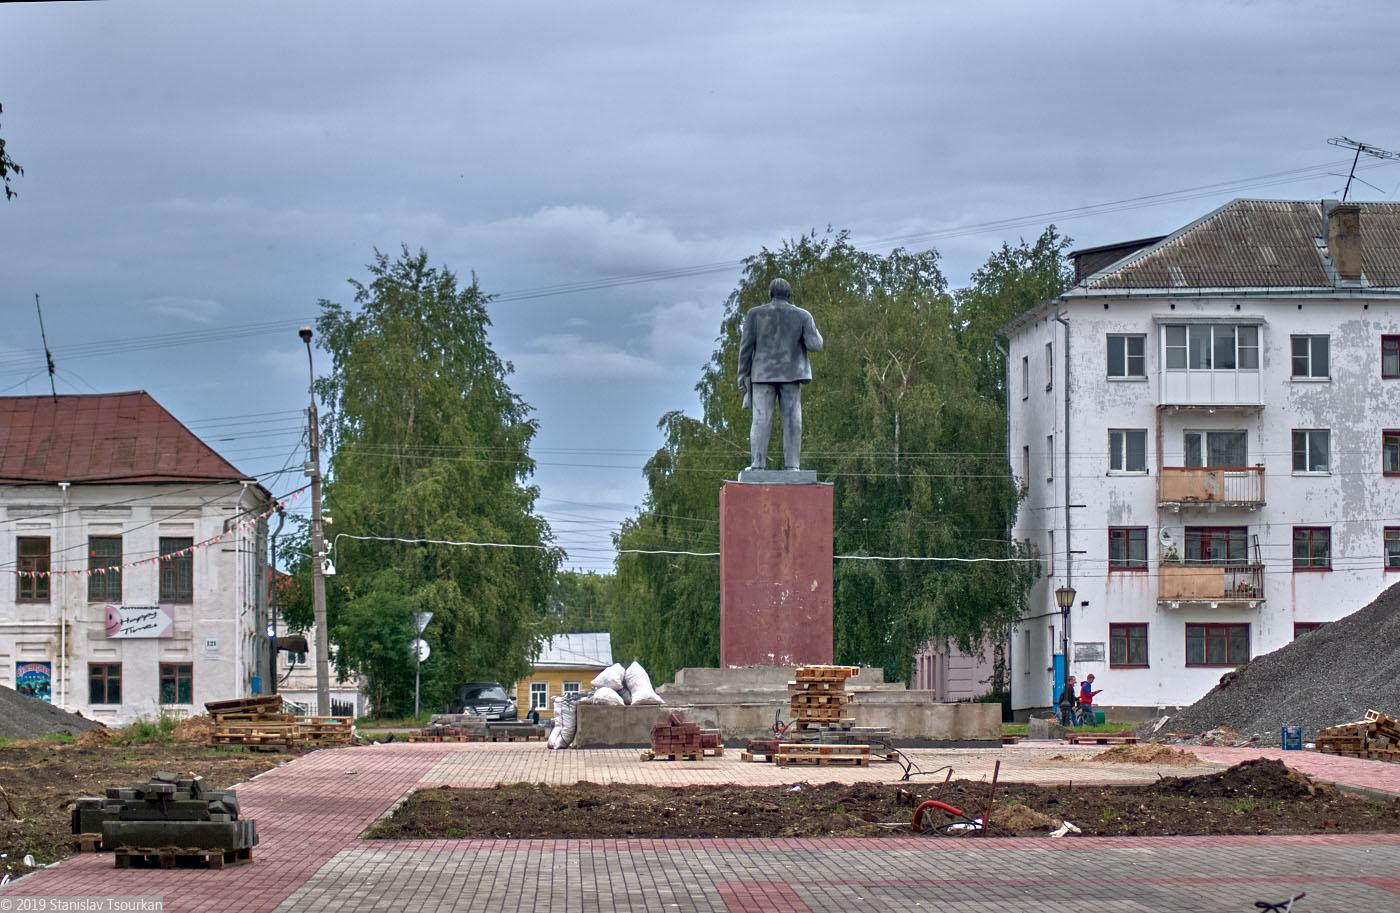 Вологодская область, Вологодчина, Великий устюг, Русский север, площадь Ленина